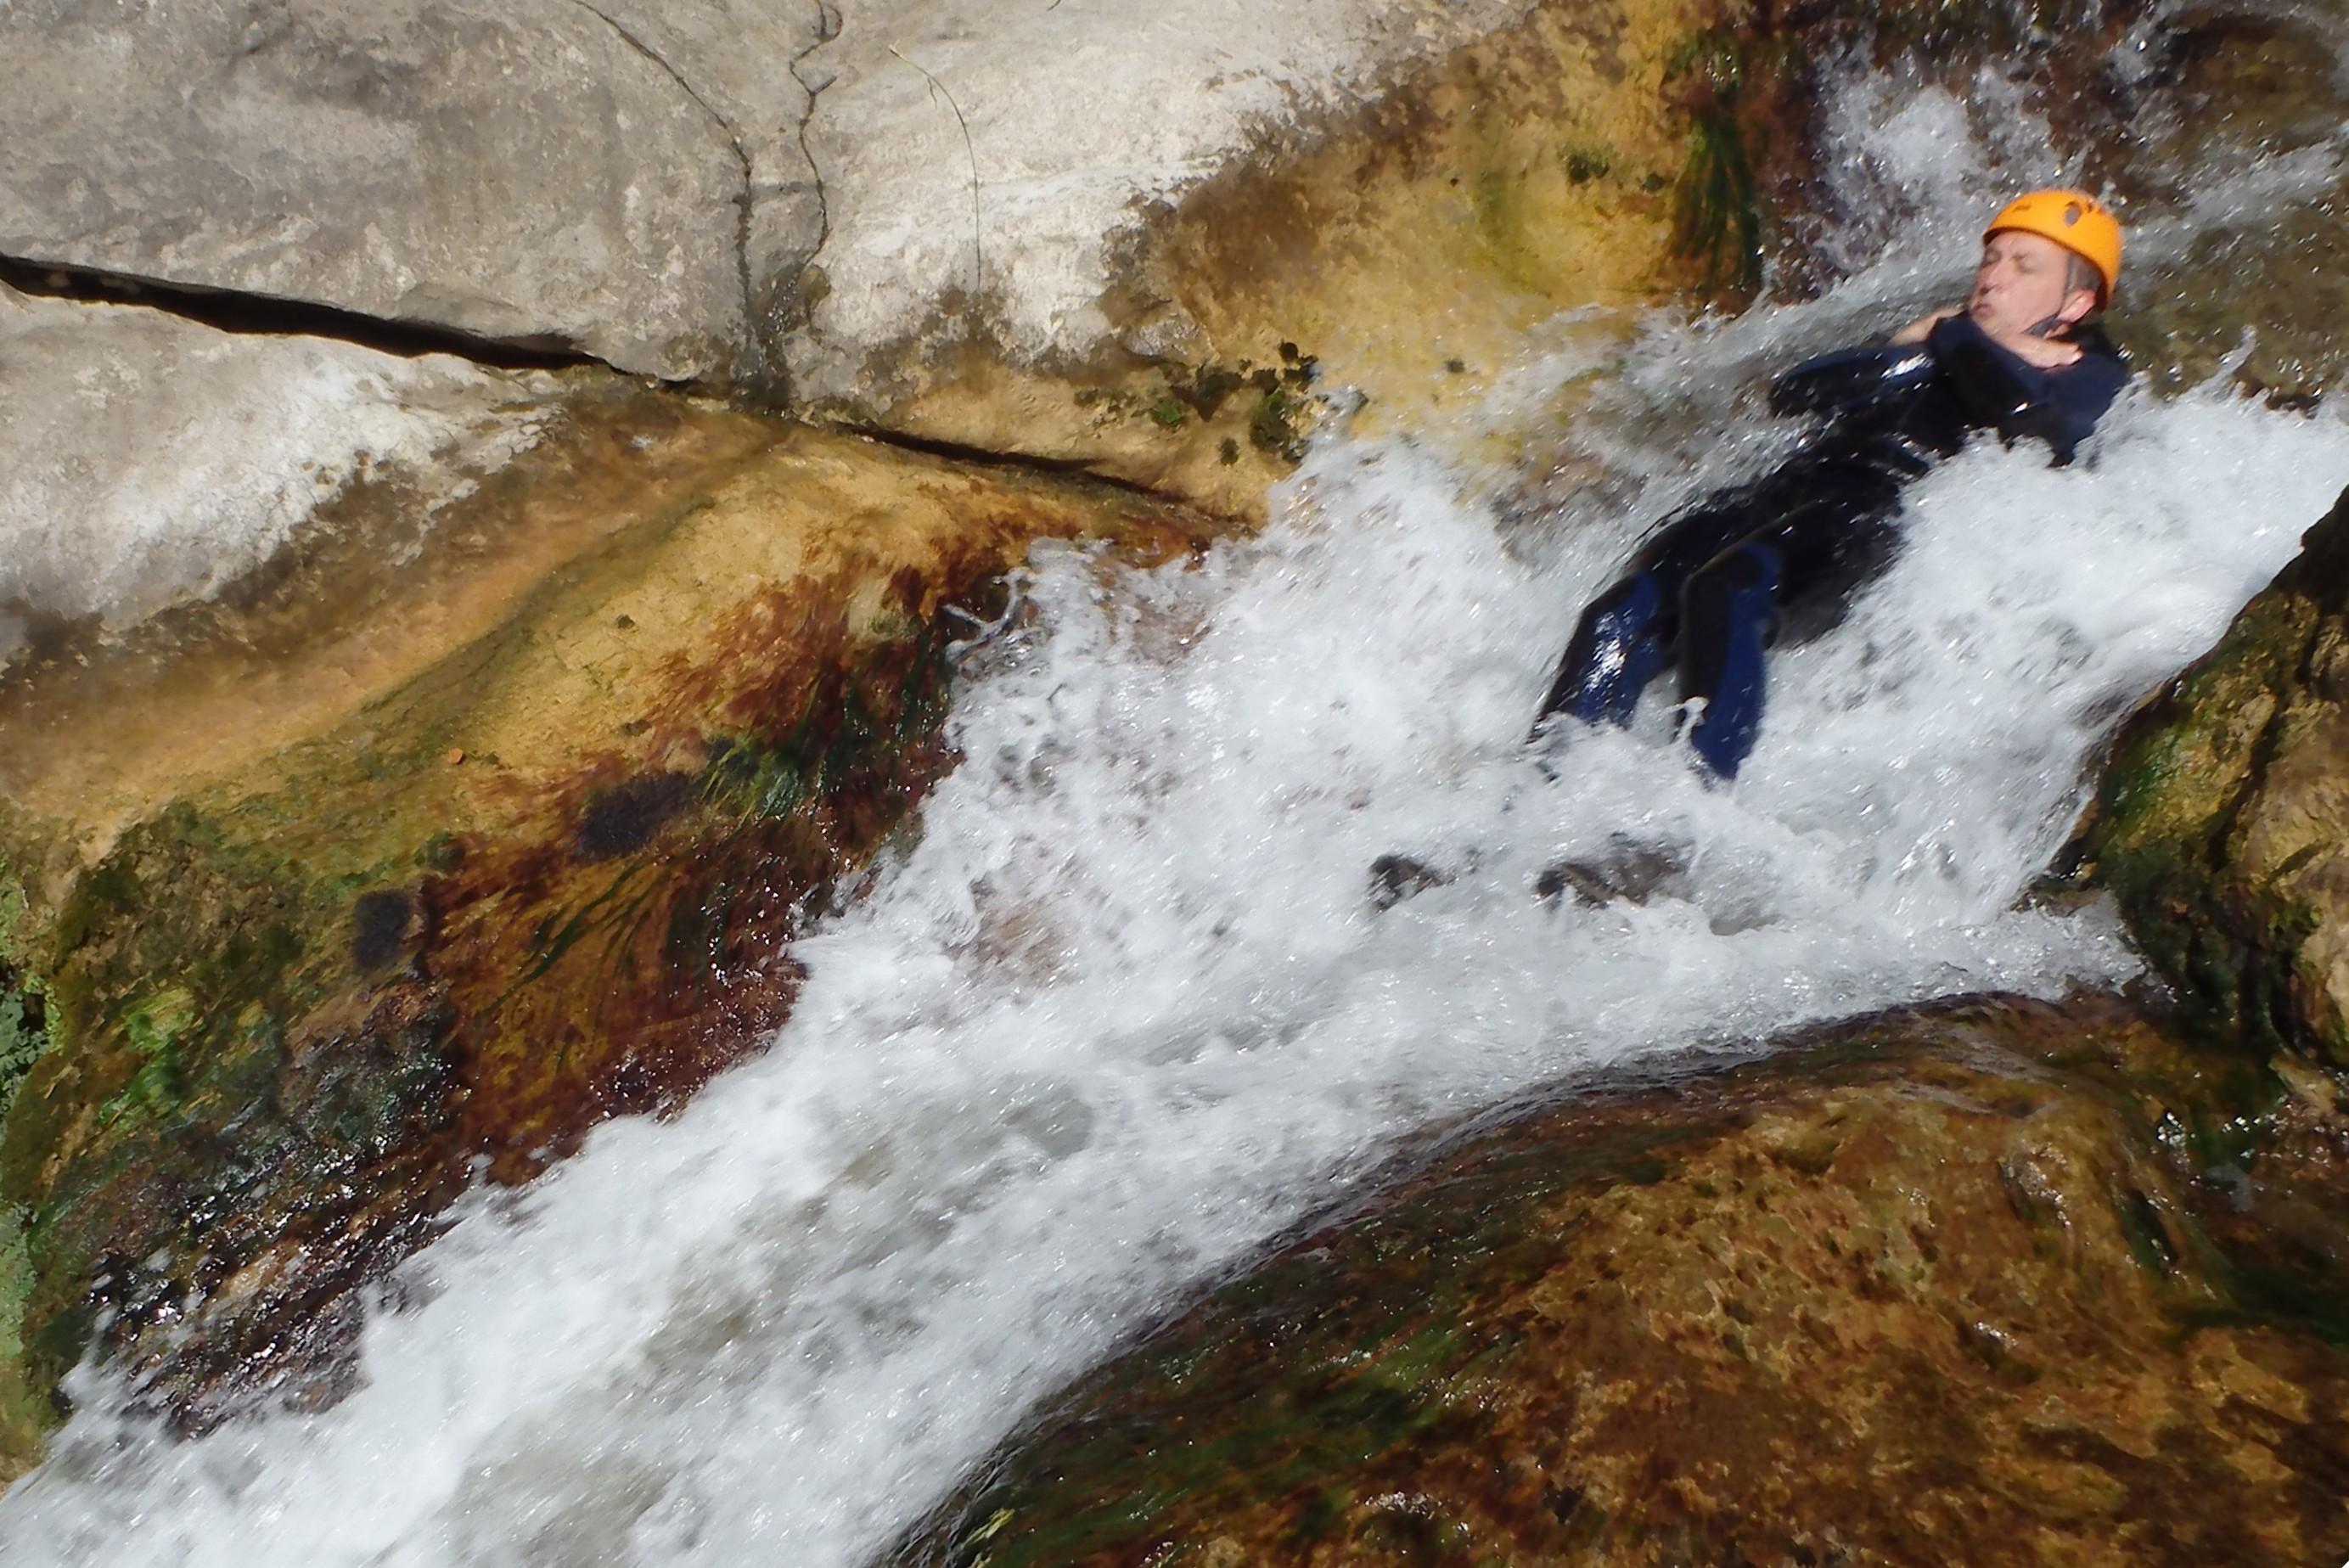 canyon-du-loup-10-e1458648304505